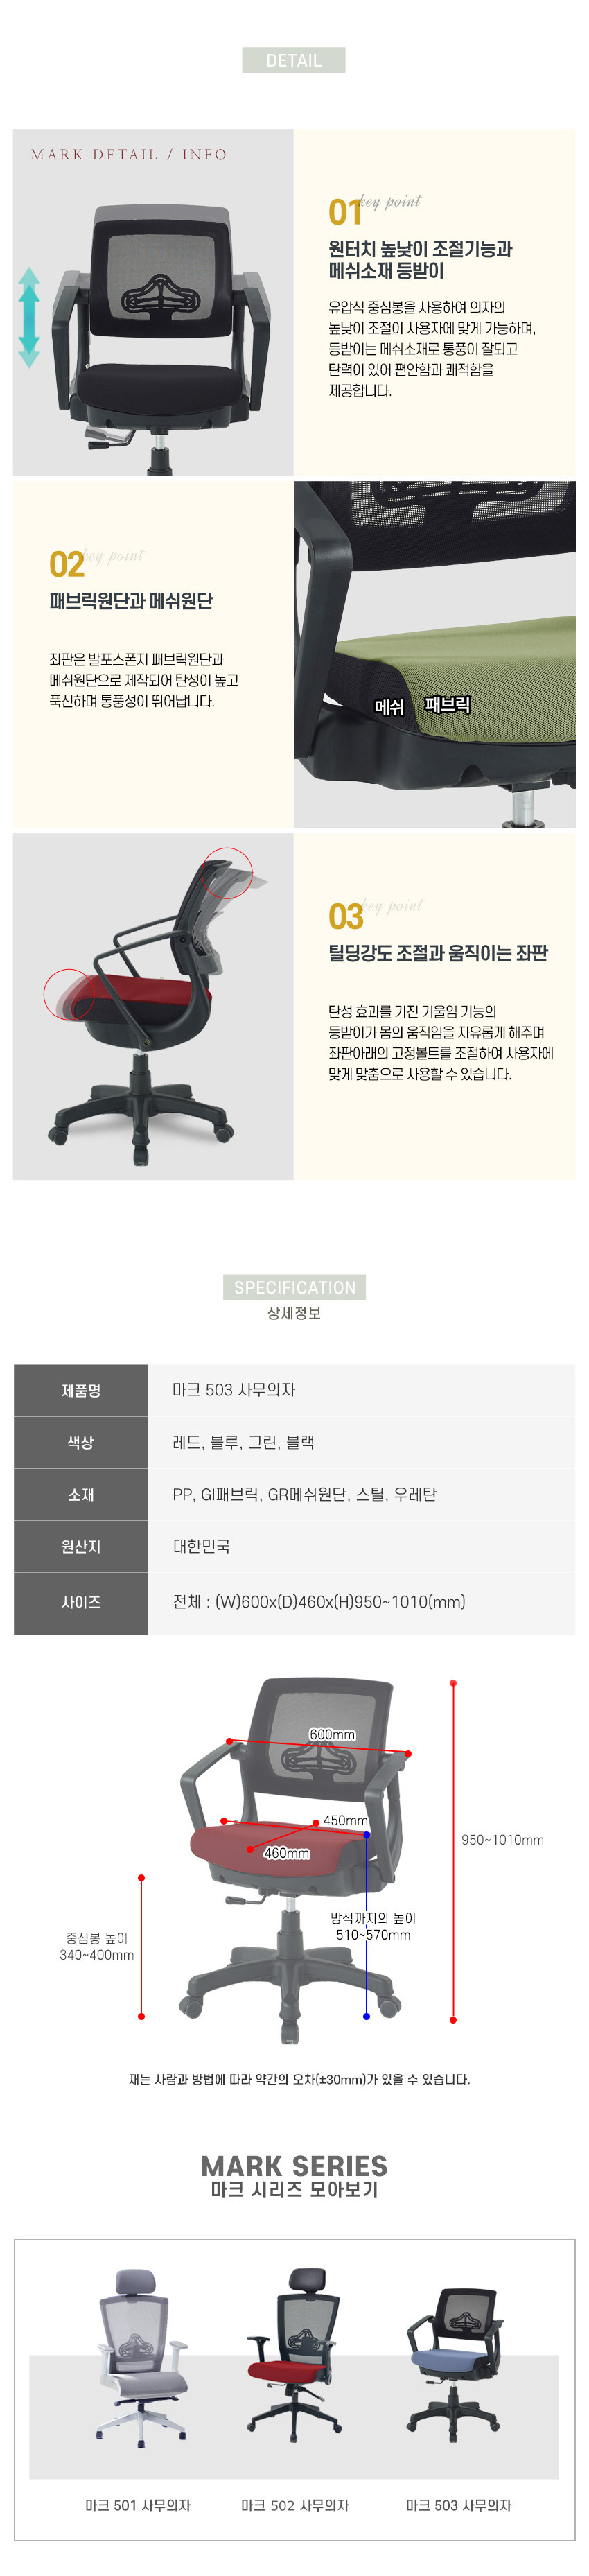 케일 503 메쉬 사무 의자 - 히트디자인, 107,900원, 디자인 의자, 인테리어의자